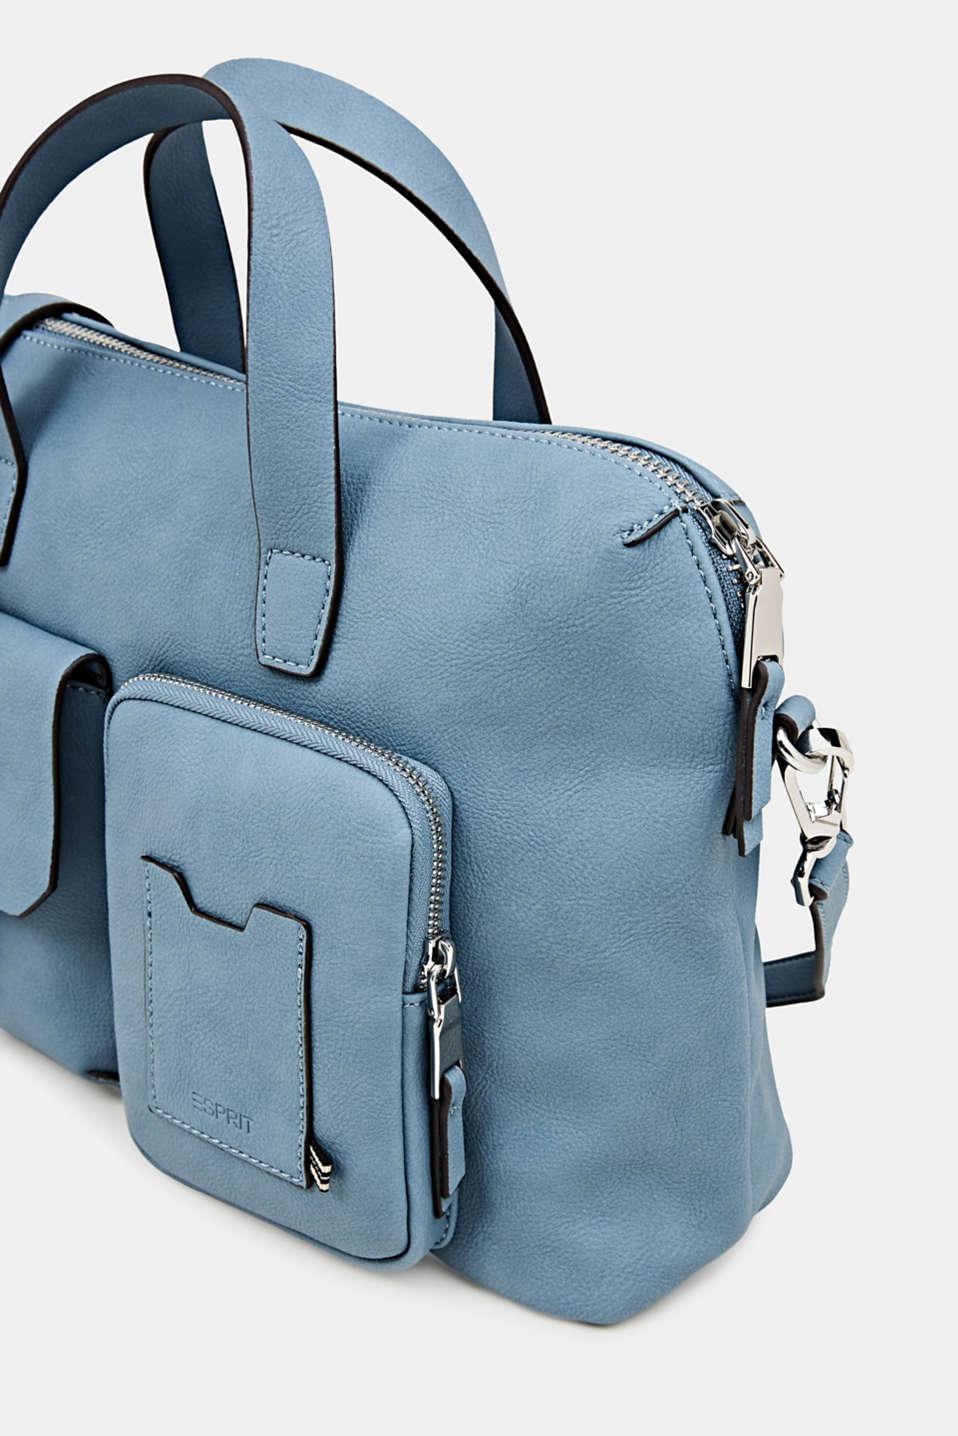 Faux leather handbag, LIGHT BLUE, detail image number 3